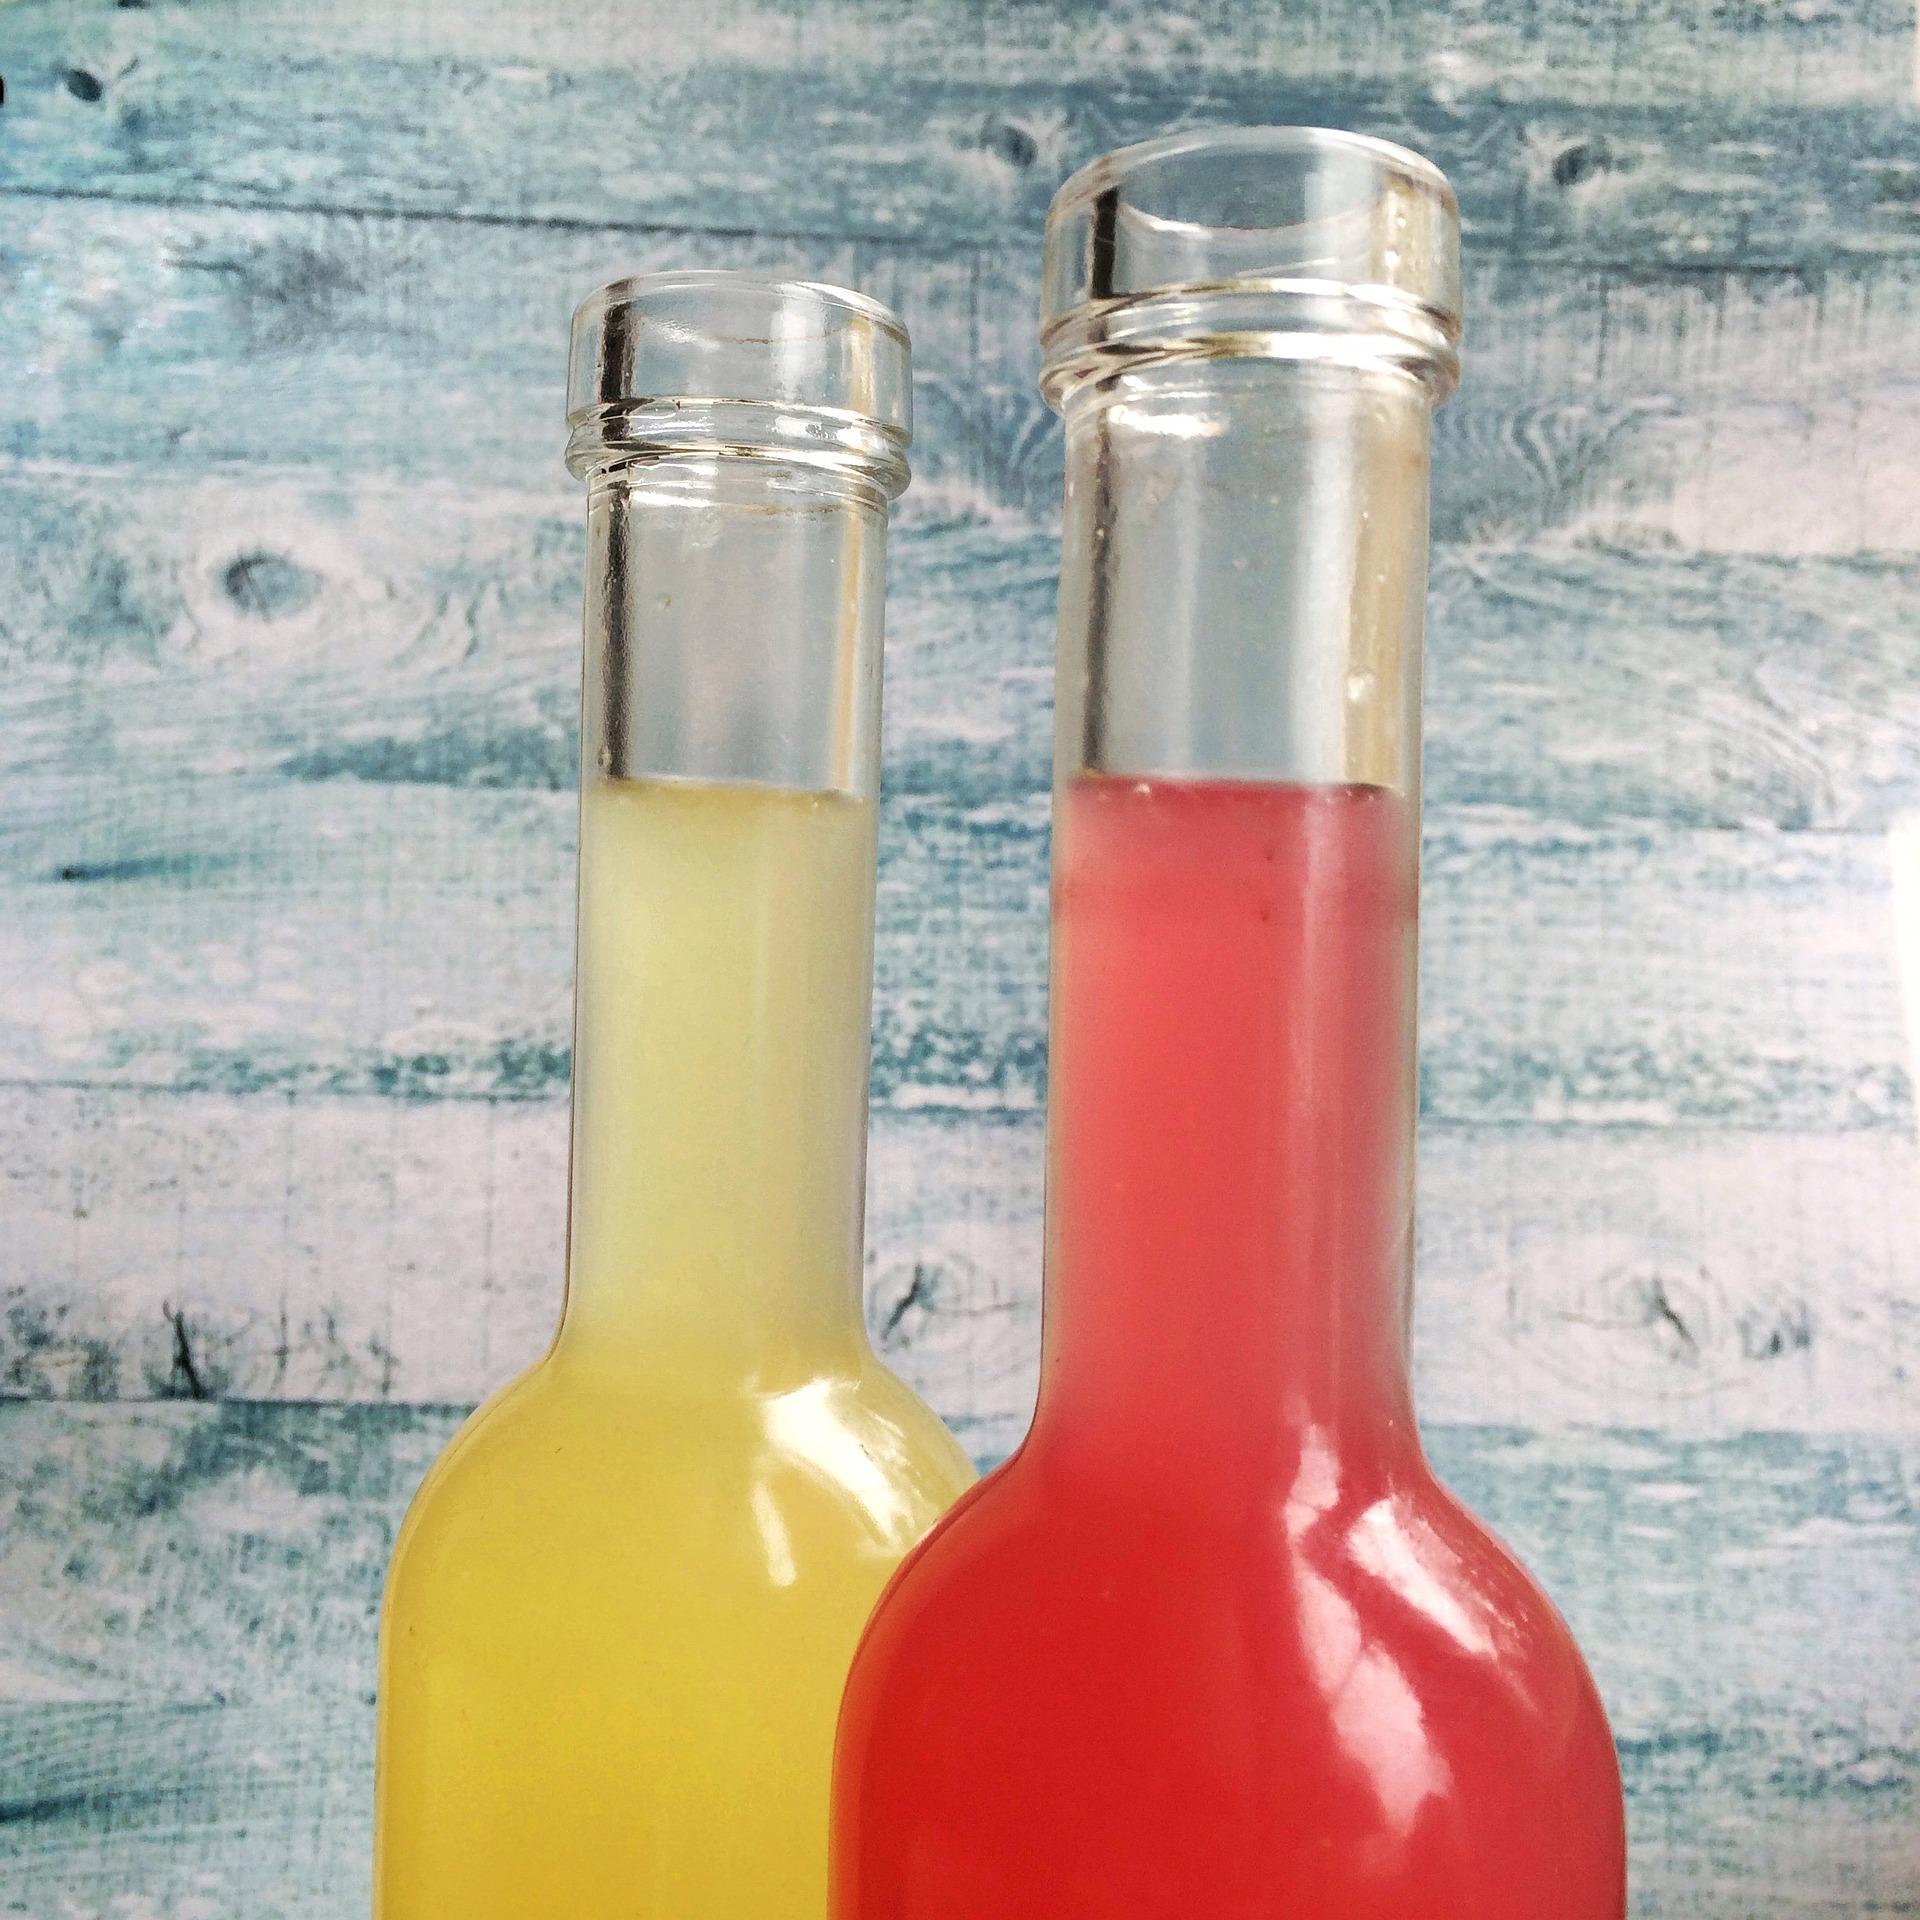 Bio Mate Getränk - Kaufideen. Beste Bio Mate Getränke finden